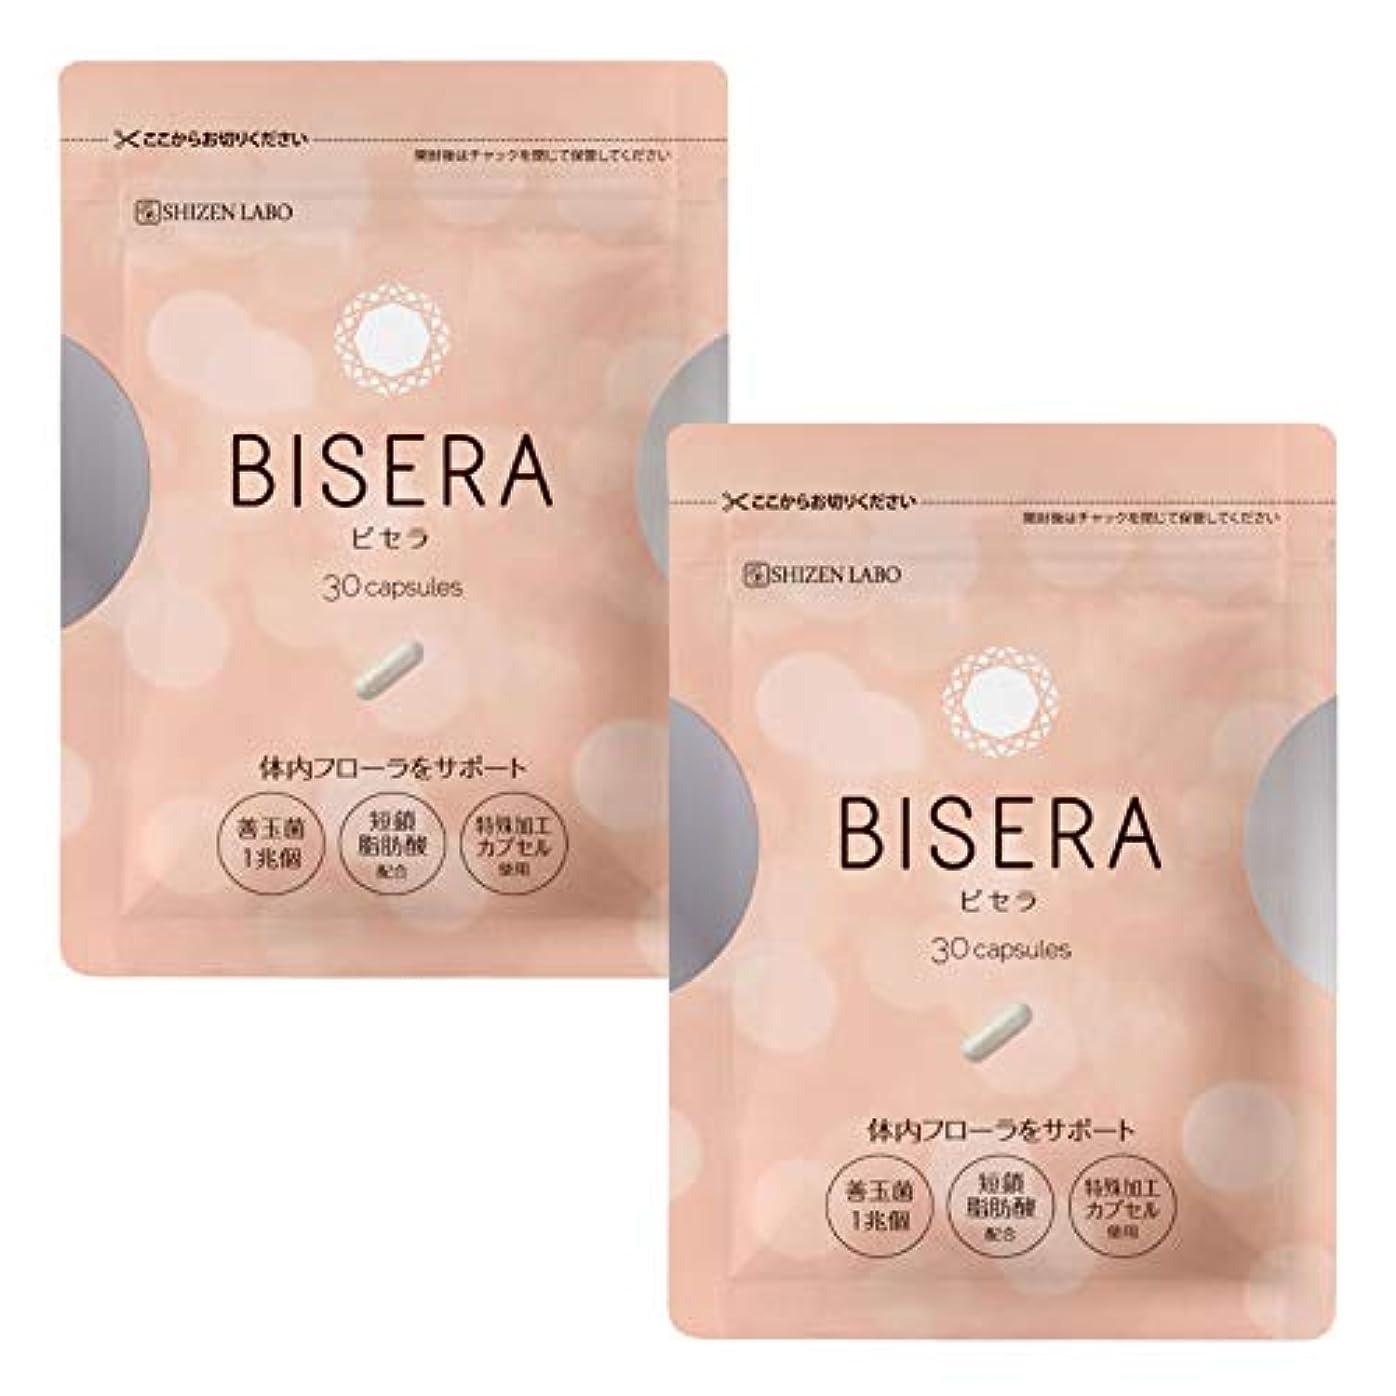 精度欲しいです受粉するビセラ BISERA ダイエットサプリ (2袋セット)